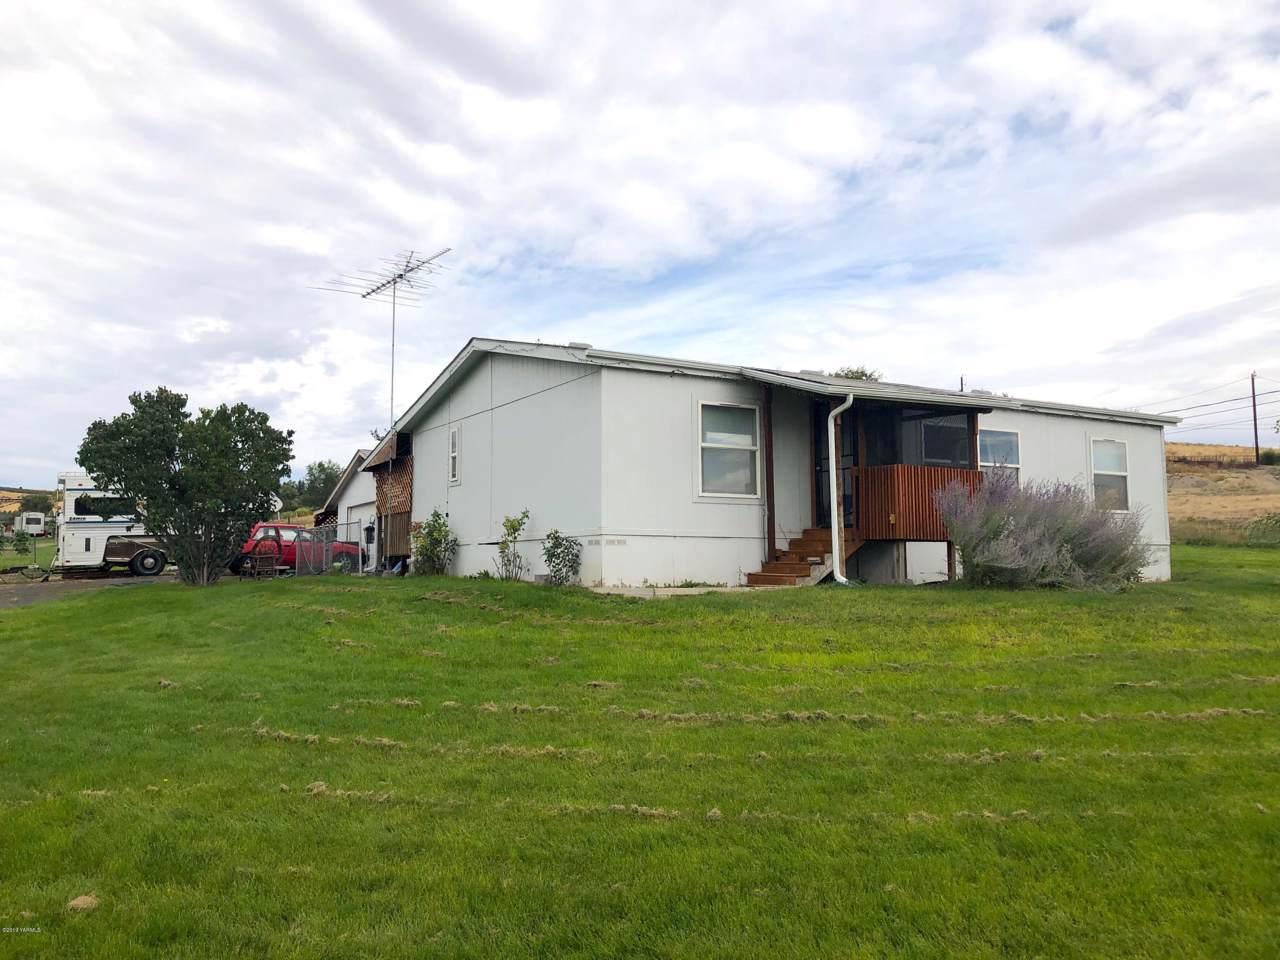 3481 Selah Loop Rd - Photo 1